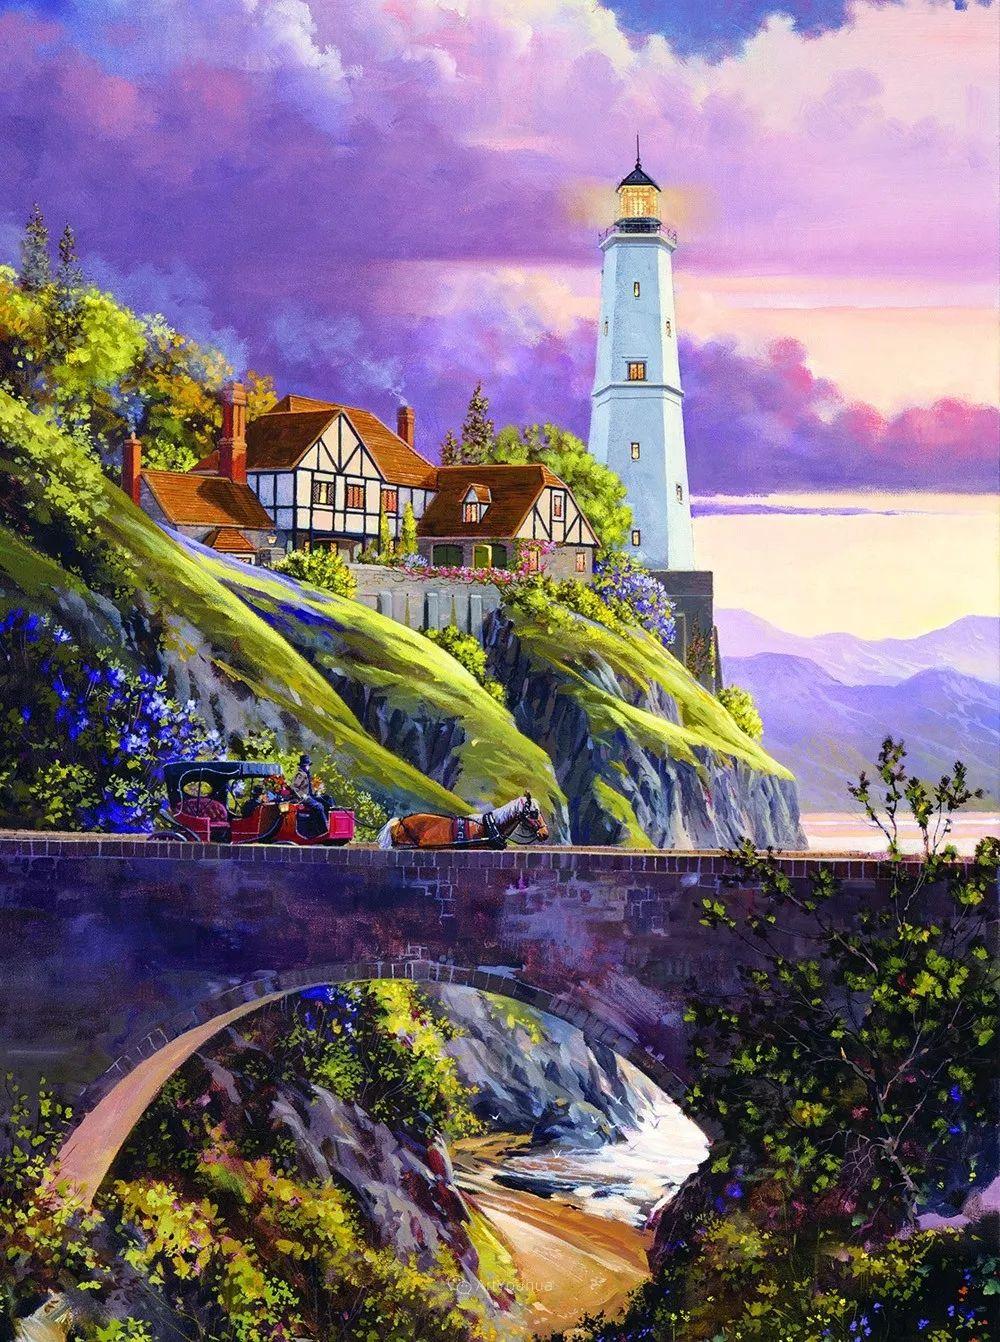 海景画,苏格兰画家道格拉斯·莱尔德插图11